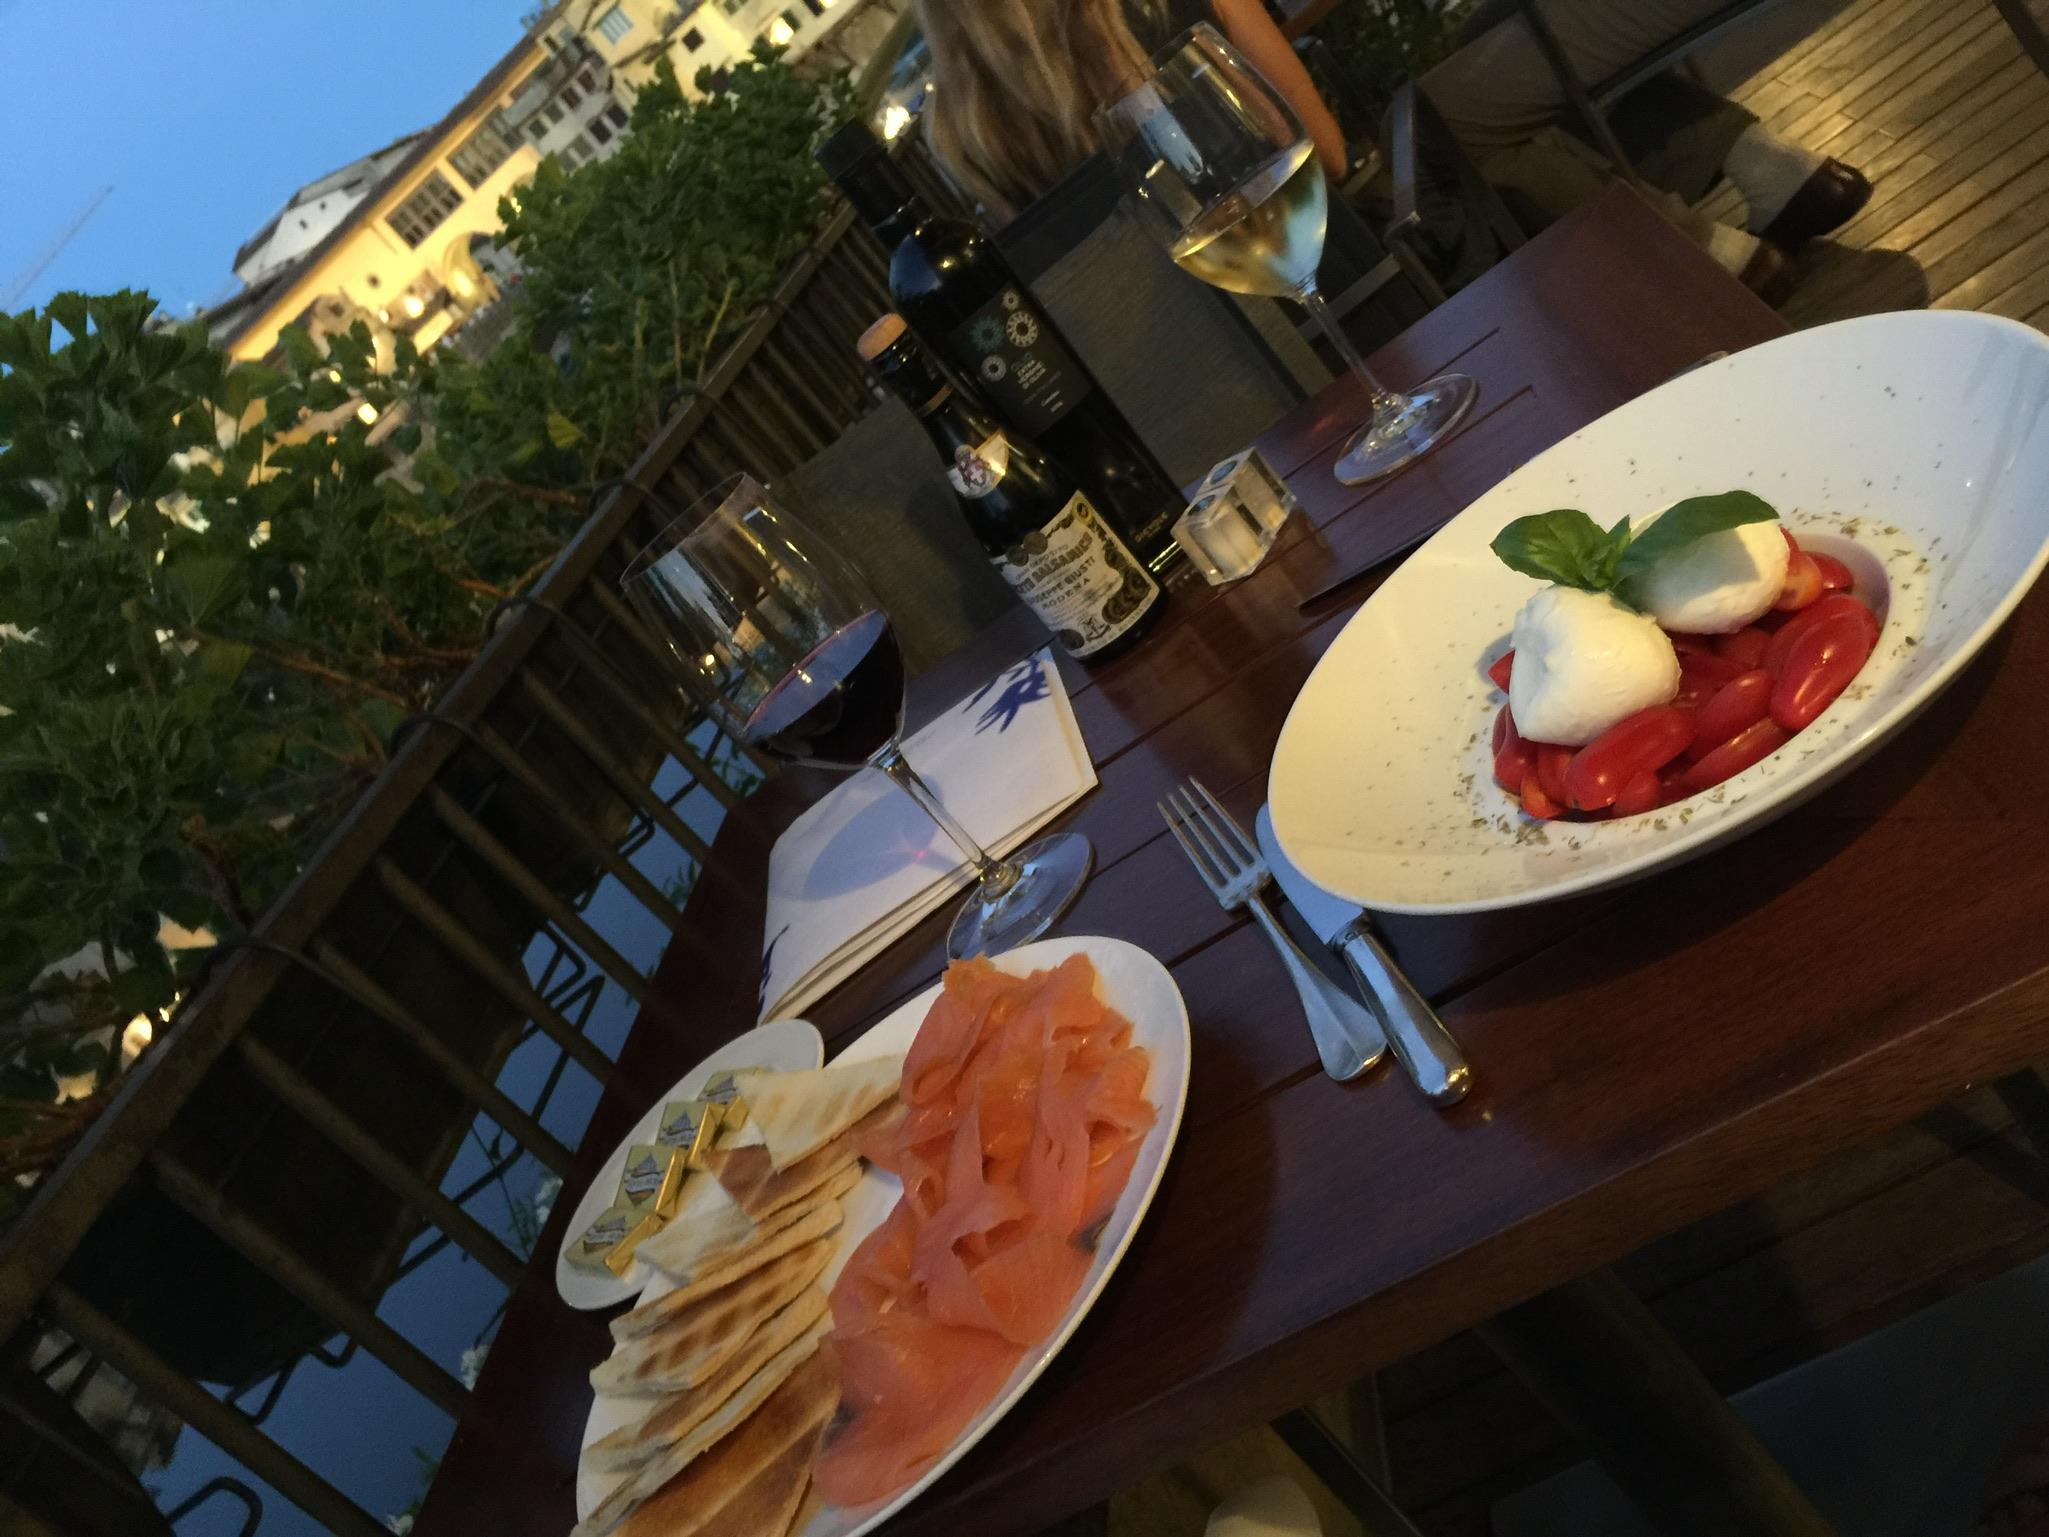 smoked salmon tomato and mozzarella basil www.annakooiman.com anna kooiman Italy